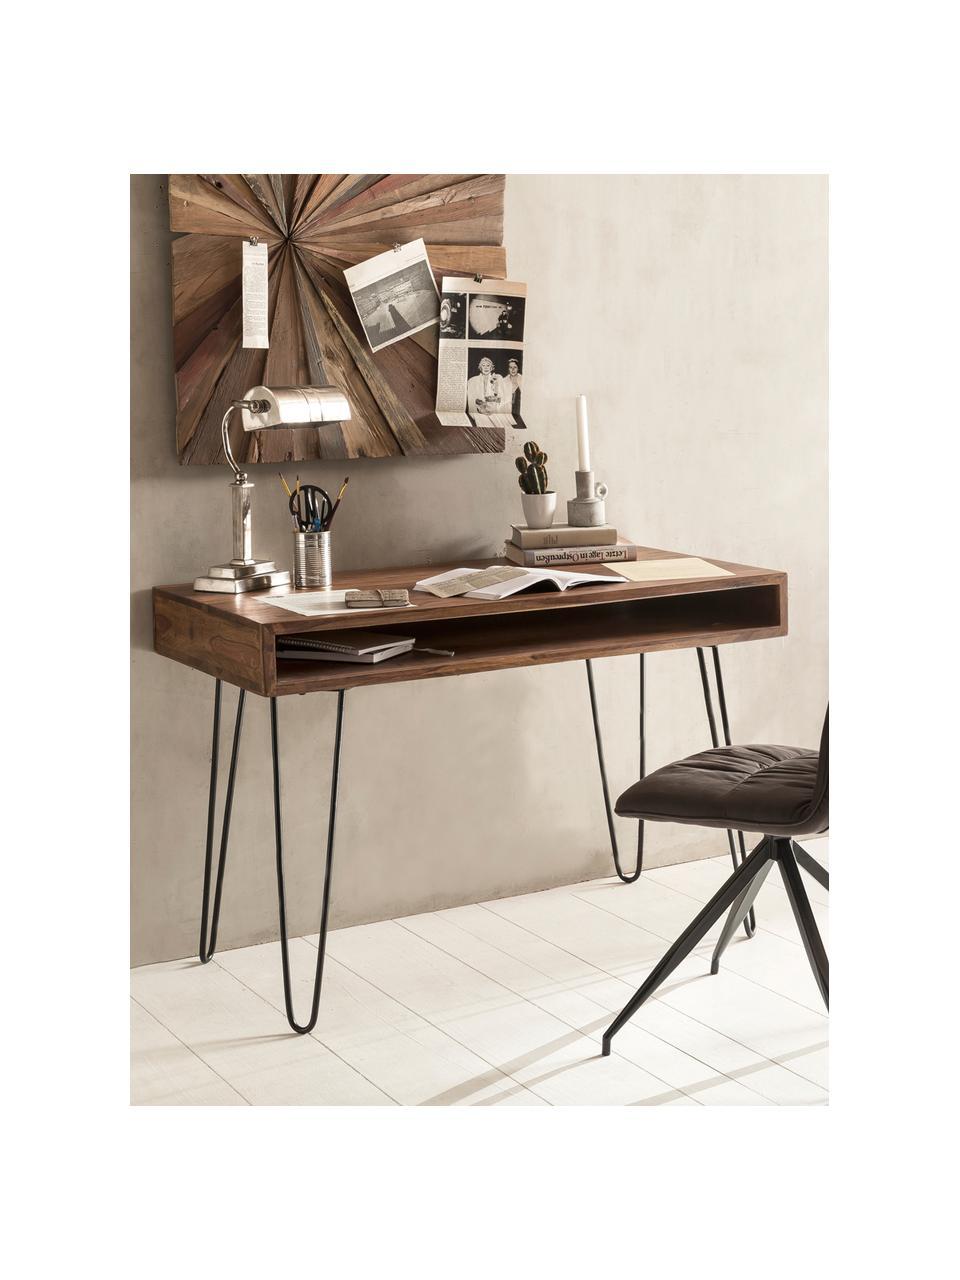 Schreibtisch Repa aus Holz und Metall, Korpus: Sheeshamholz, massiv, lac, Beine: Metall, lackiert, Sheeshamholz, Schwarz, 110 x 76 cm